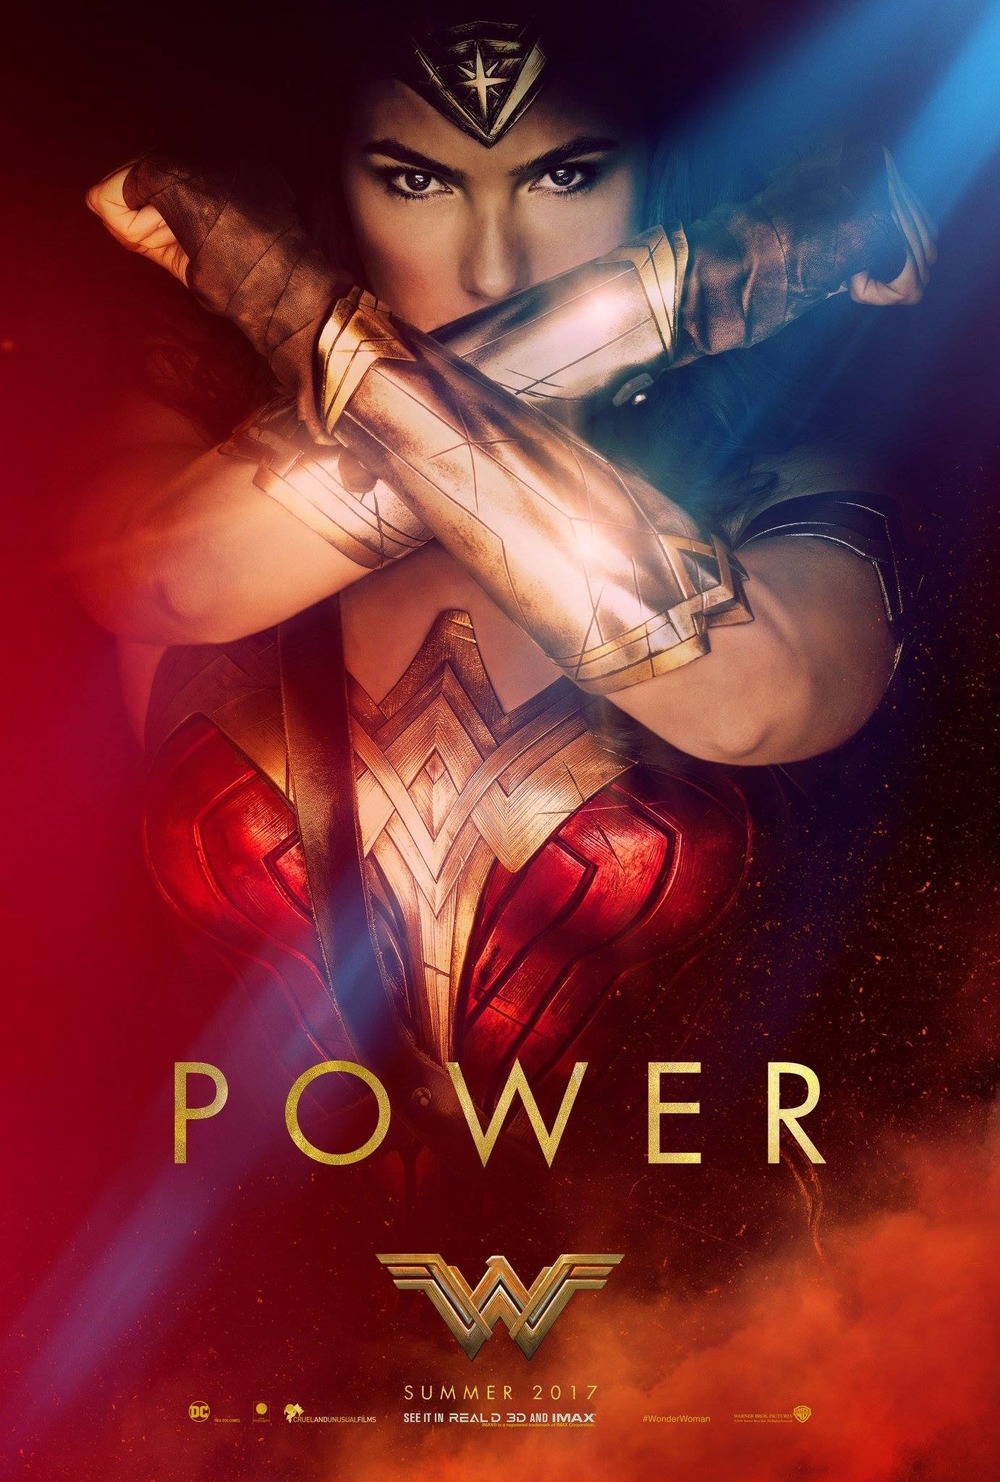 Wonder woman release date in Sydney